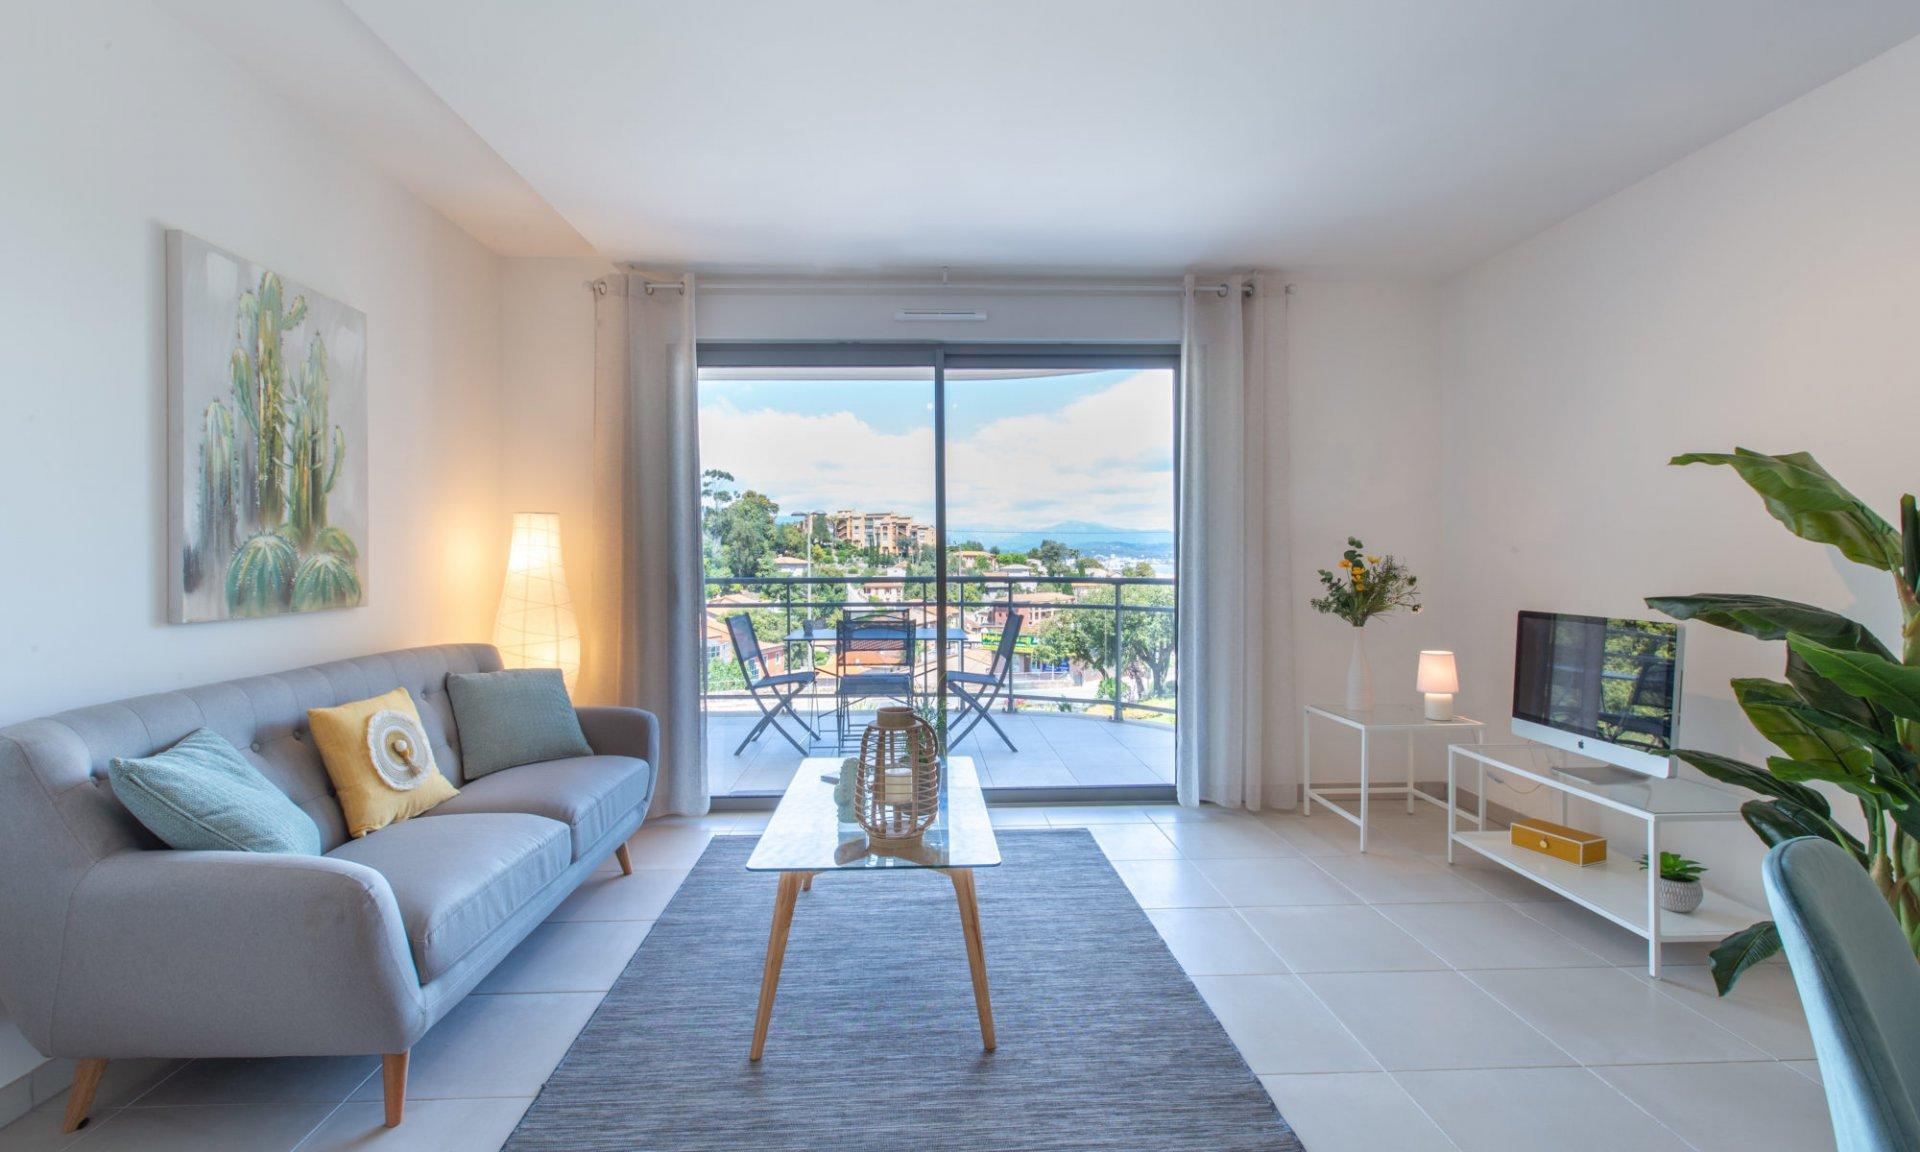 Theoule s/m 3 pièces de 88 m² terrasse , vue mer, parking